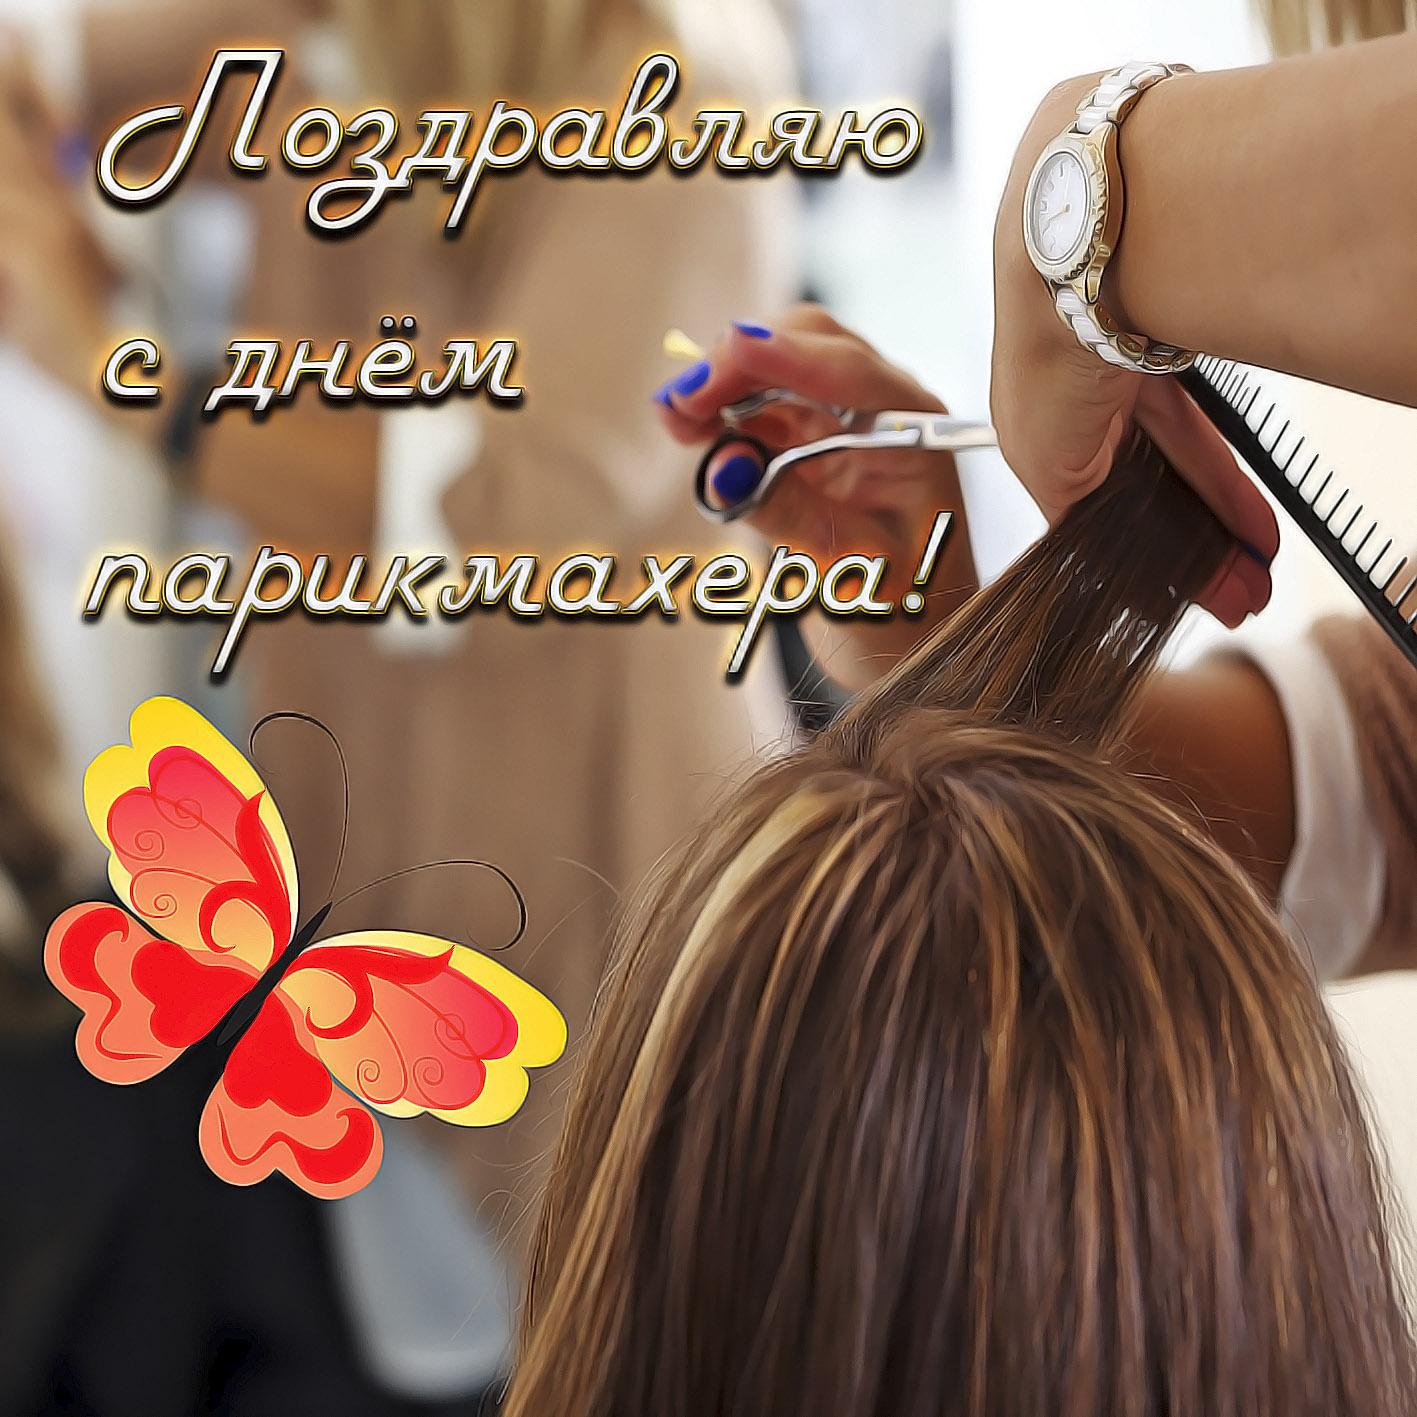 тянут поздравление в стихах парикмахер странице мужчины вконтакте